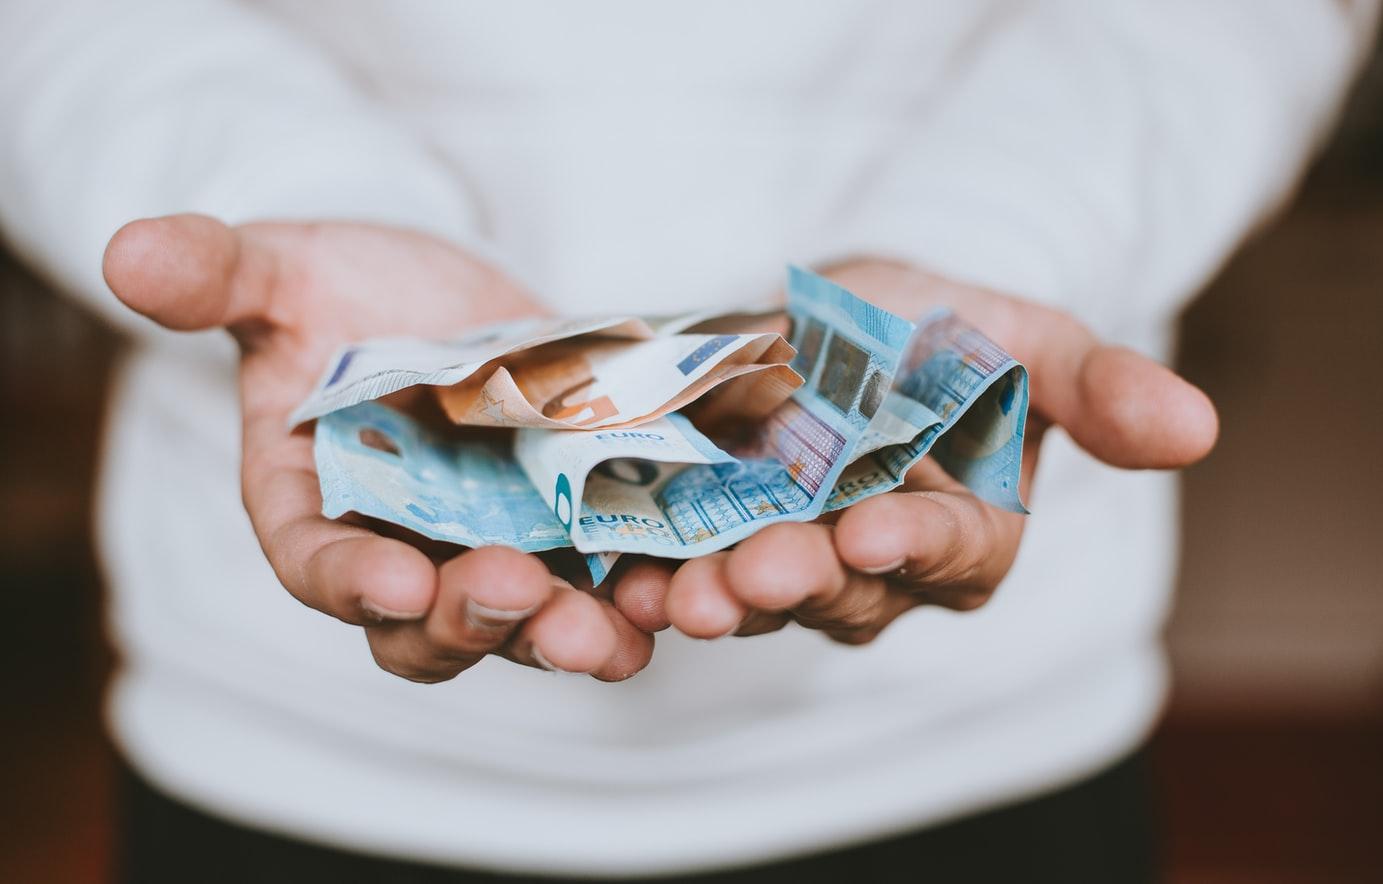 Hände mit Geldscheinen.